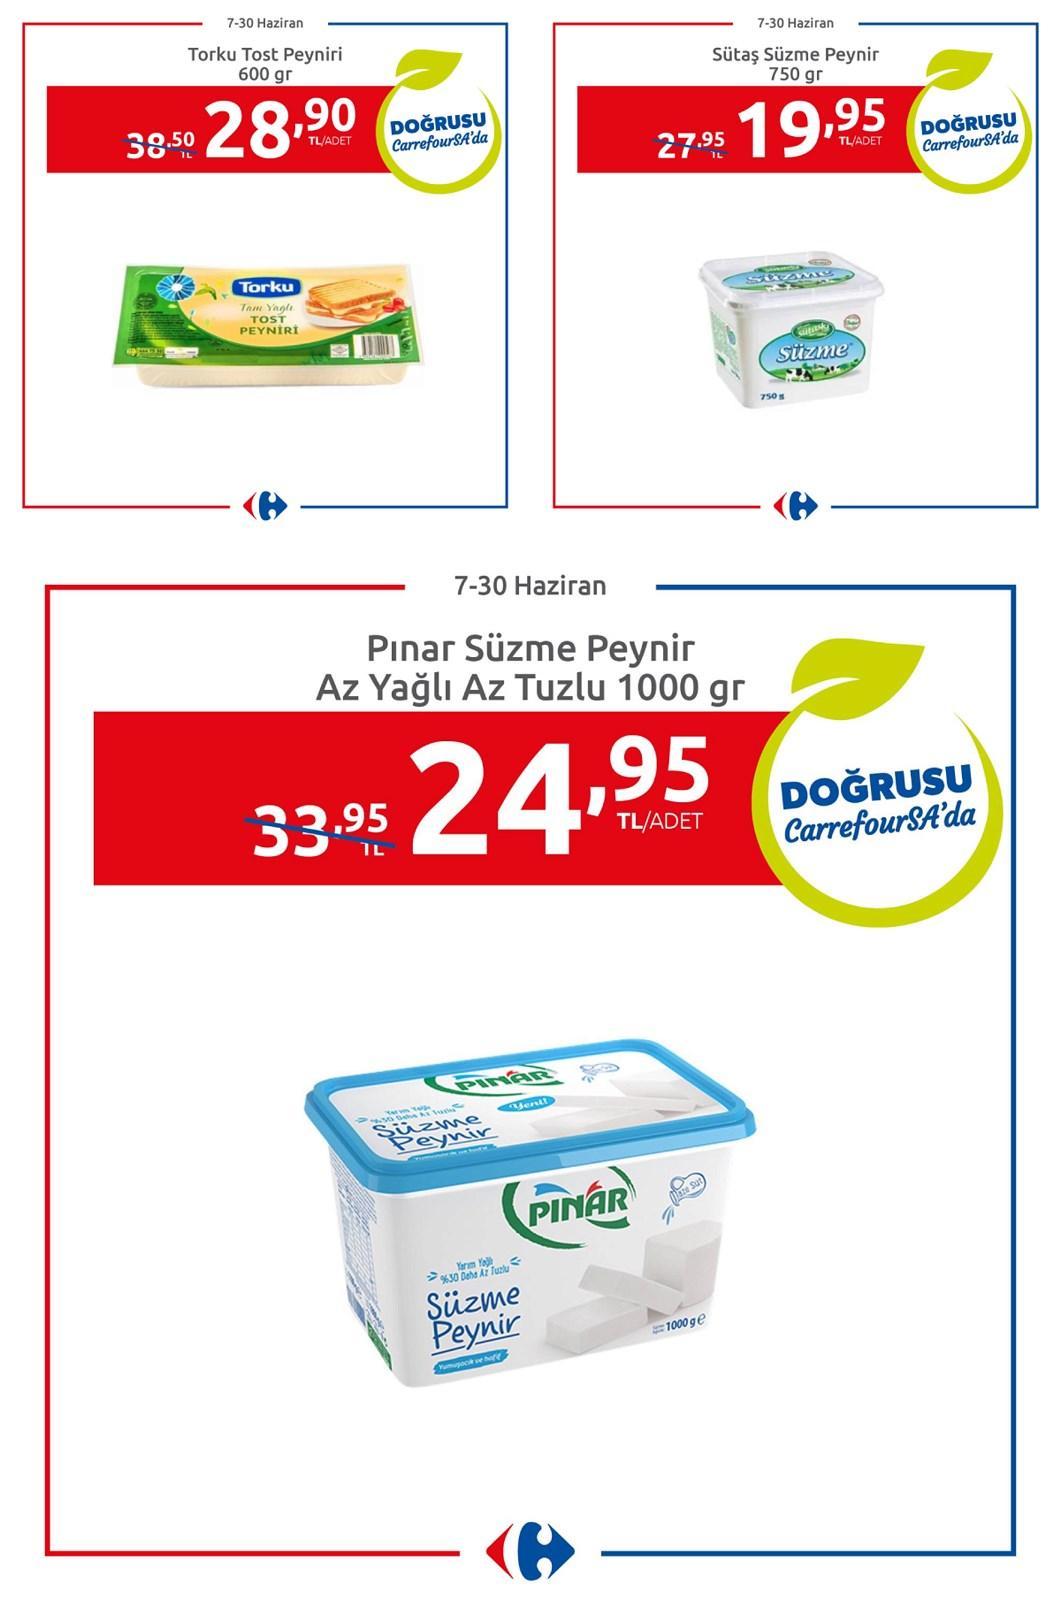 07.06.2021 CarrefourSA broşürü 1. sayfa